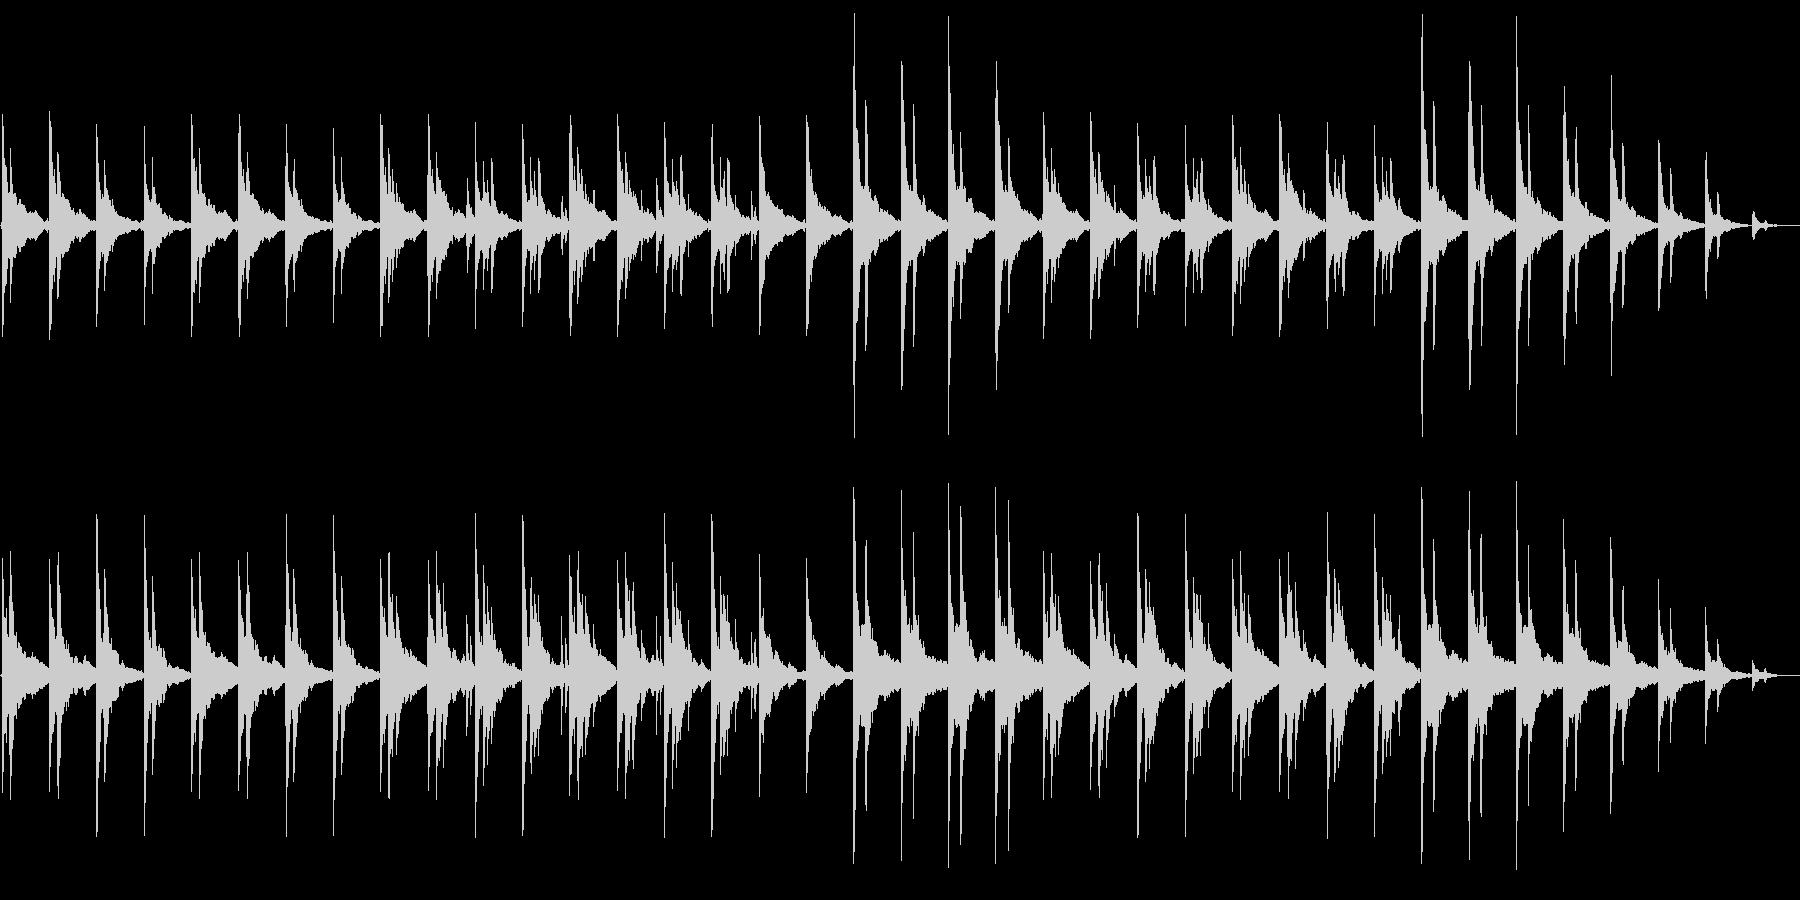 昔の写真 回想 思い出 ソロピアノと残響の未再生の波形